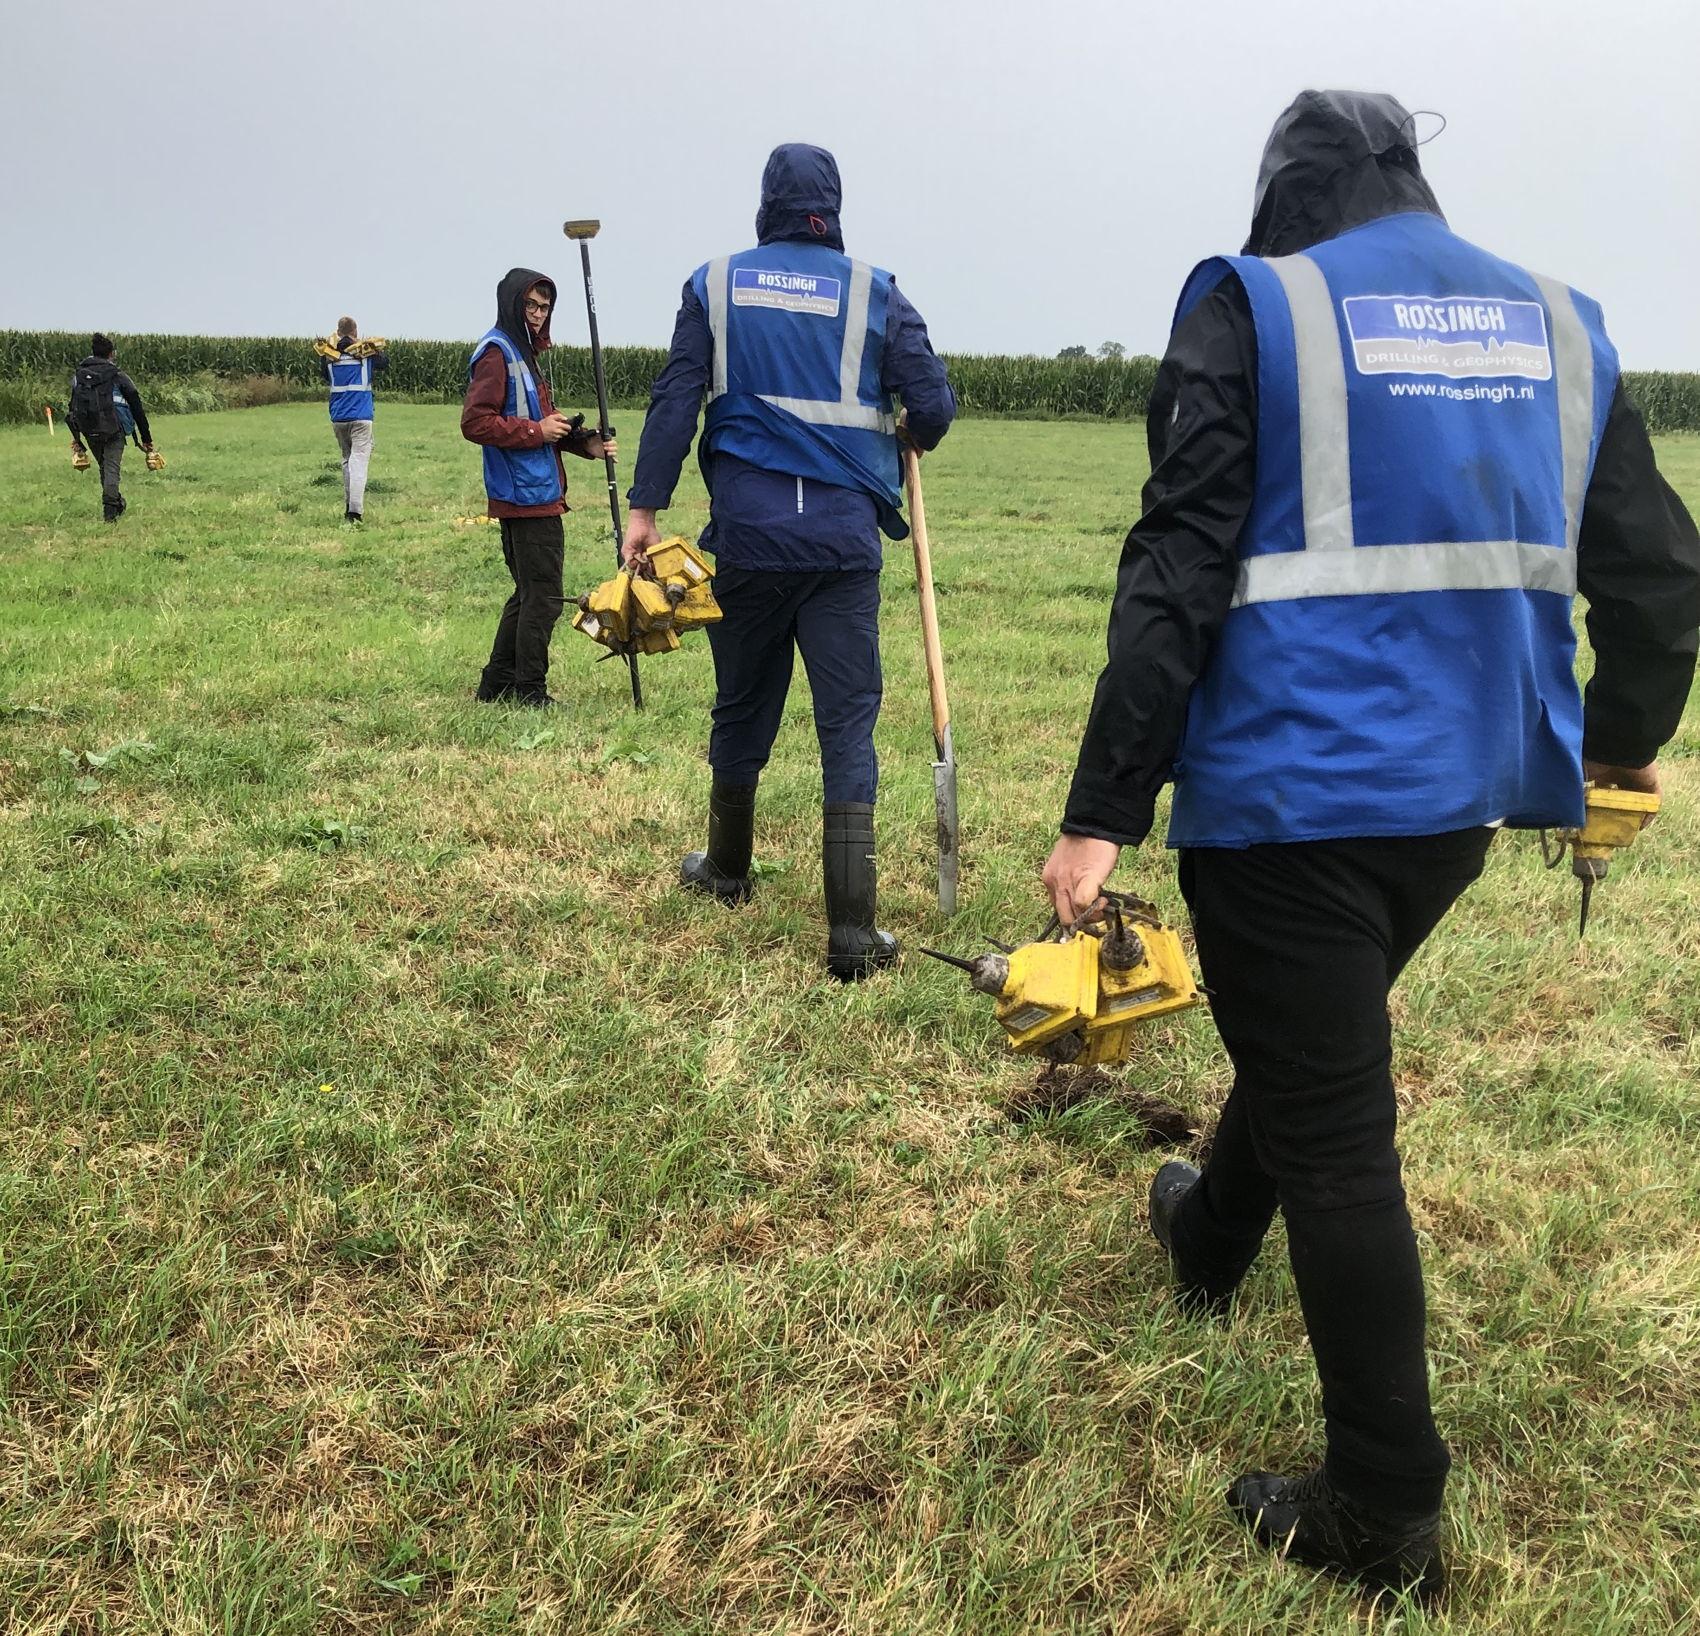 In een veld tussen De Meern en Montfoort plaatsen de medewerkers van het programma SCAN om elke vijf meter op een vaste afstand van de testlijn een geofoon.